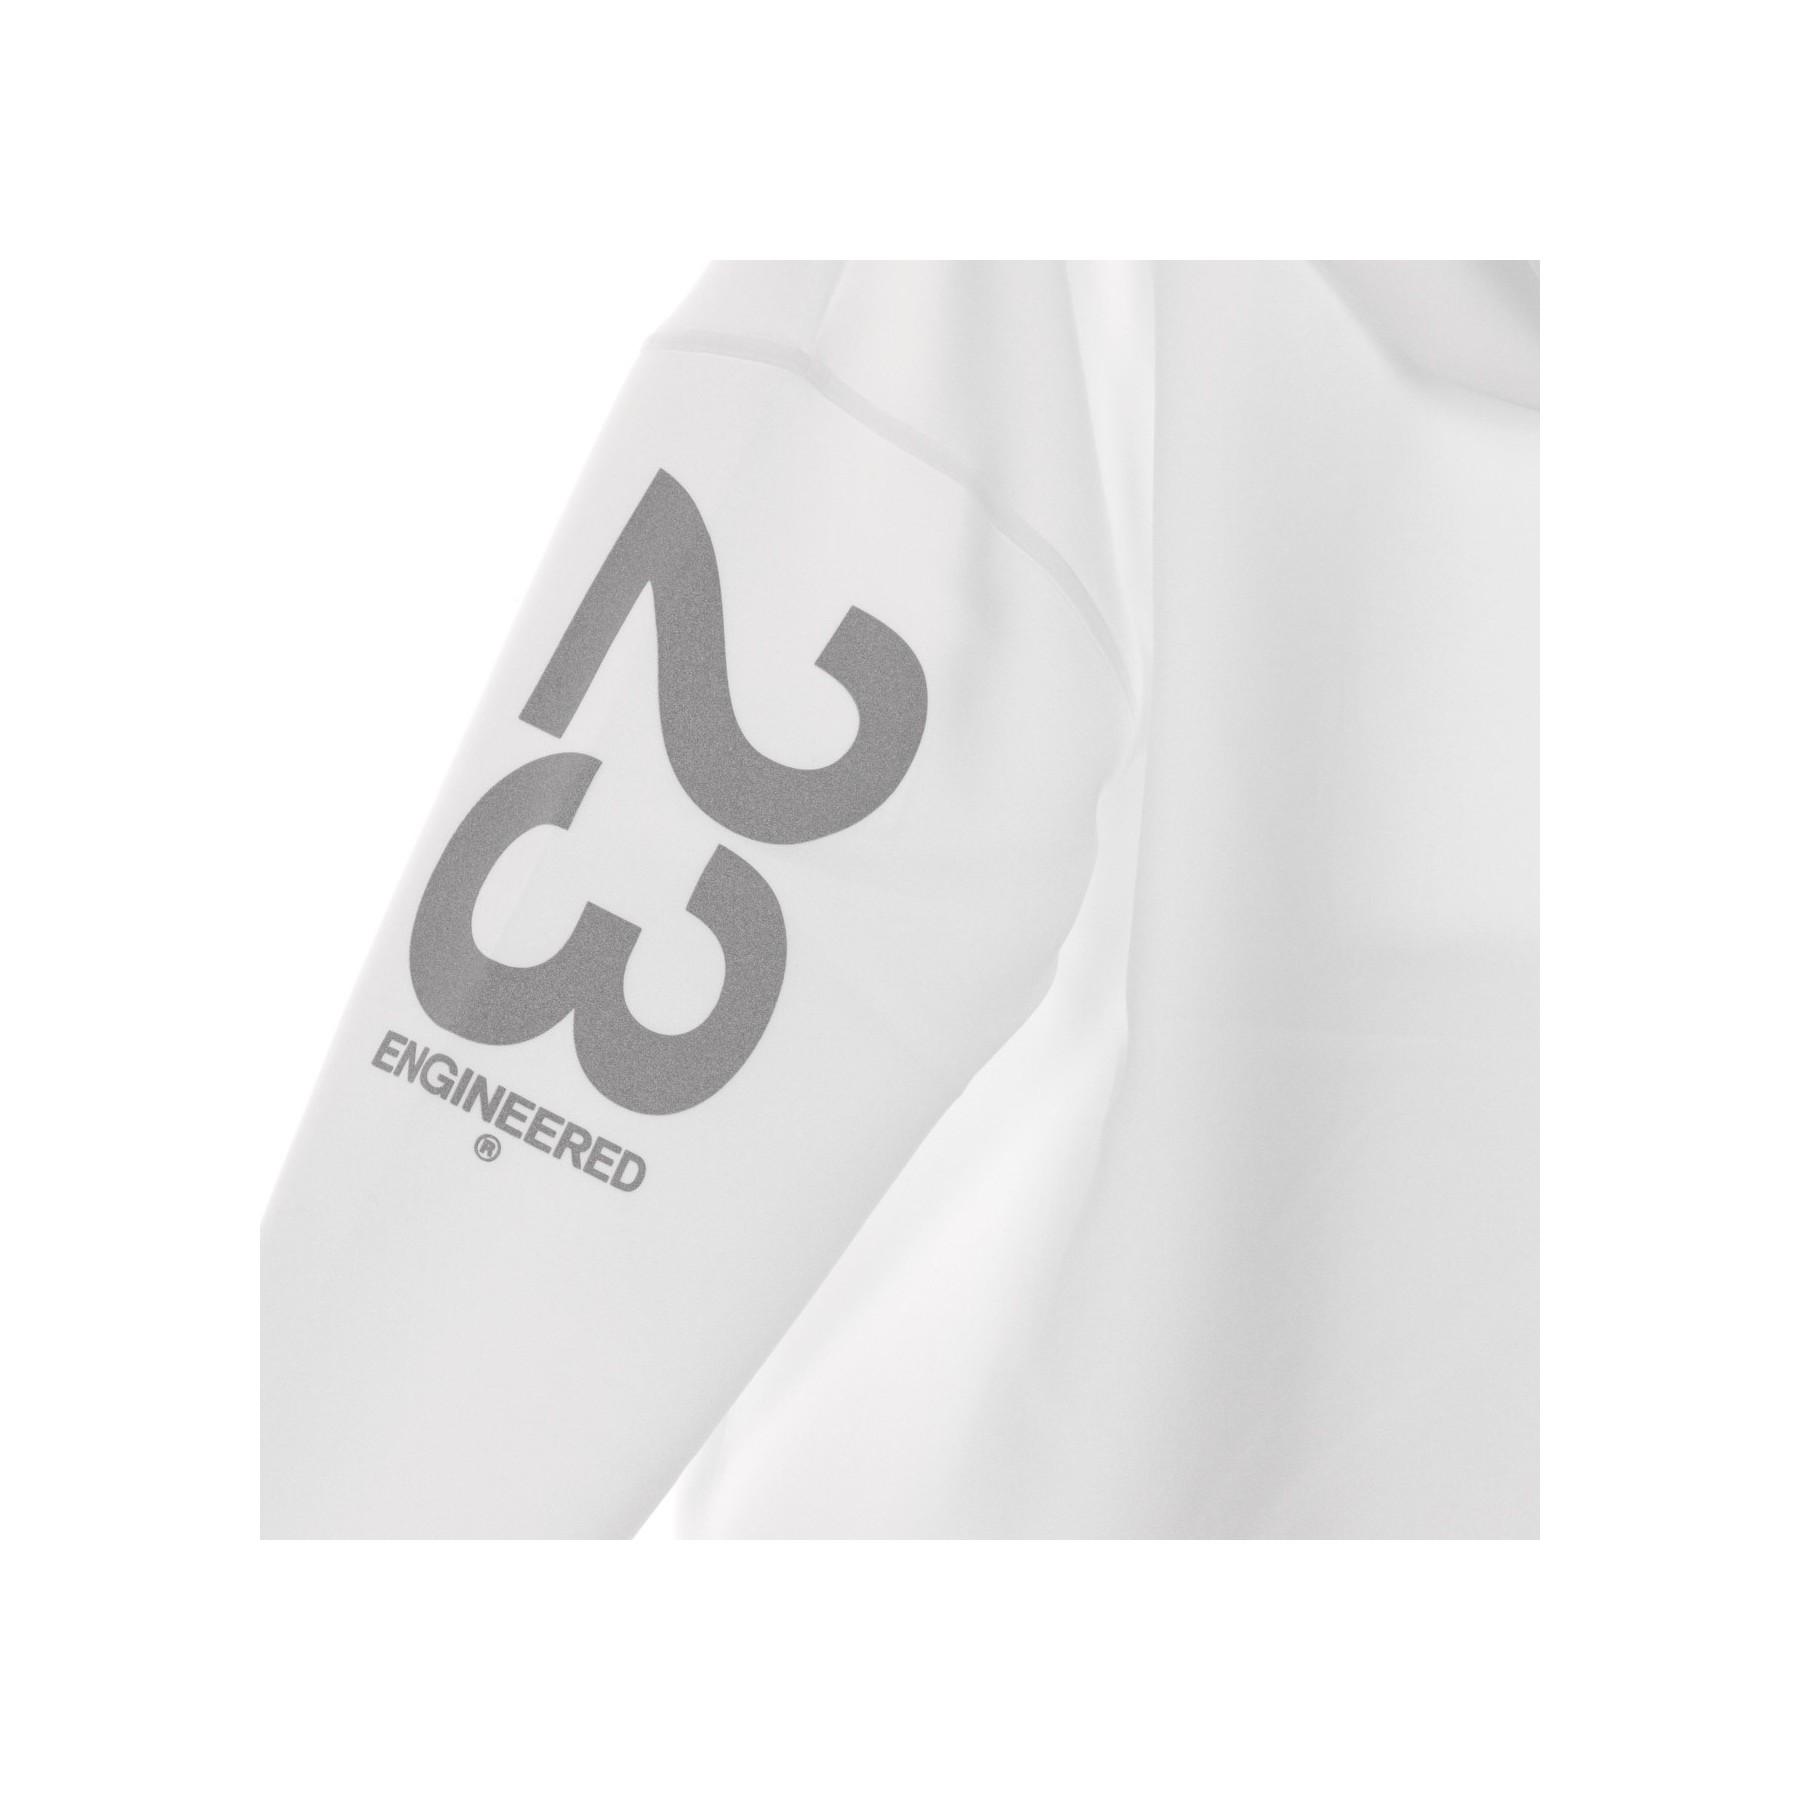 Palazzo dei bambini presentare Allestero  FELPA CAPPUCCIO JORDAN 23 ENGINEERED WHITE/WHITE | Atipicishop.com